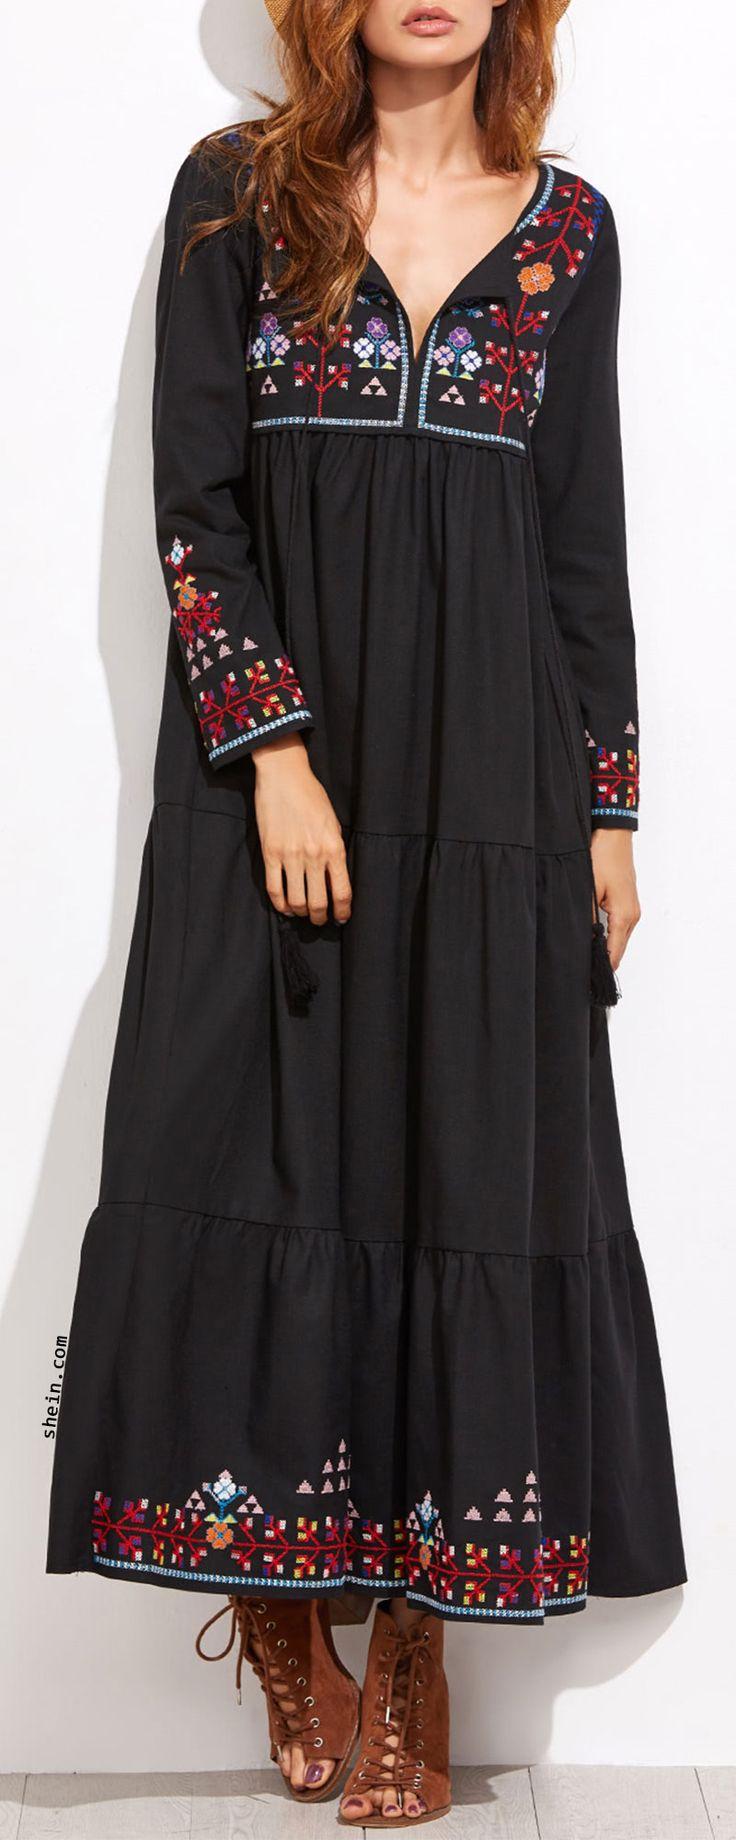 Embroidered Tassel Detail Tiered Seam Dress